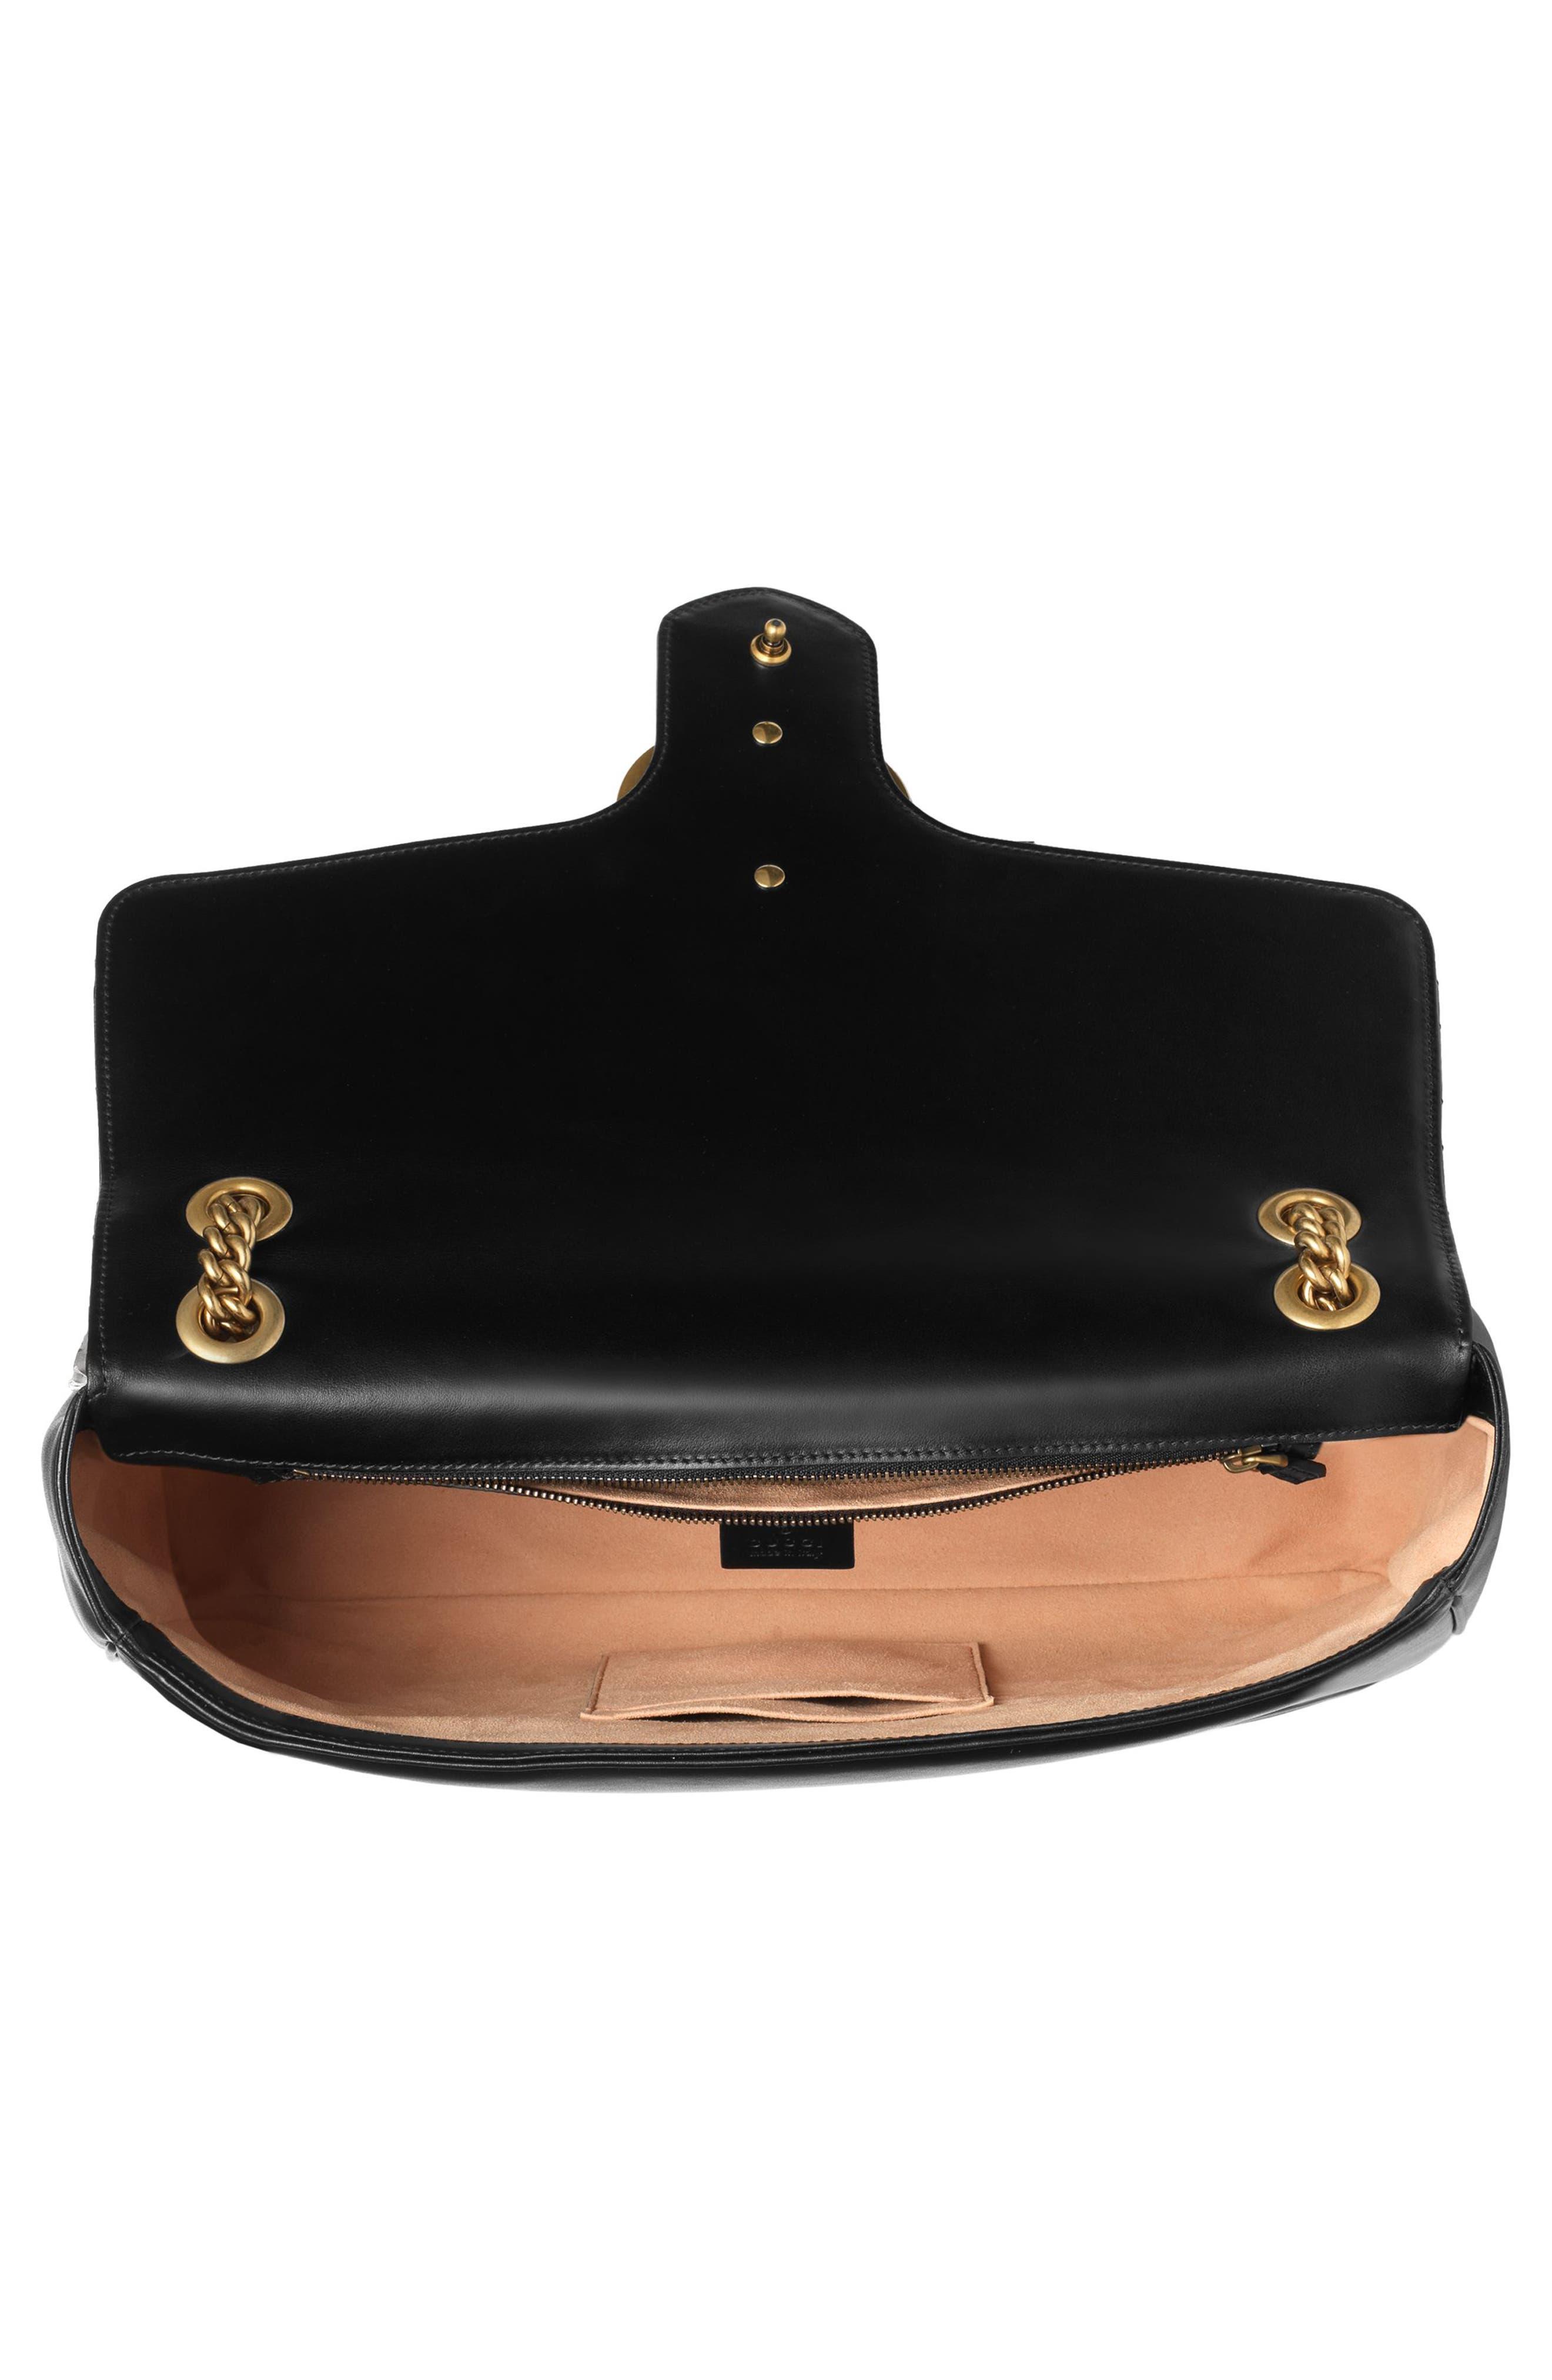 GG Large Marmont 2.0 Matelassé Leather Shoulder Bag,                             Alternate thumbnail 3, color,                             NERO